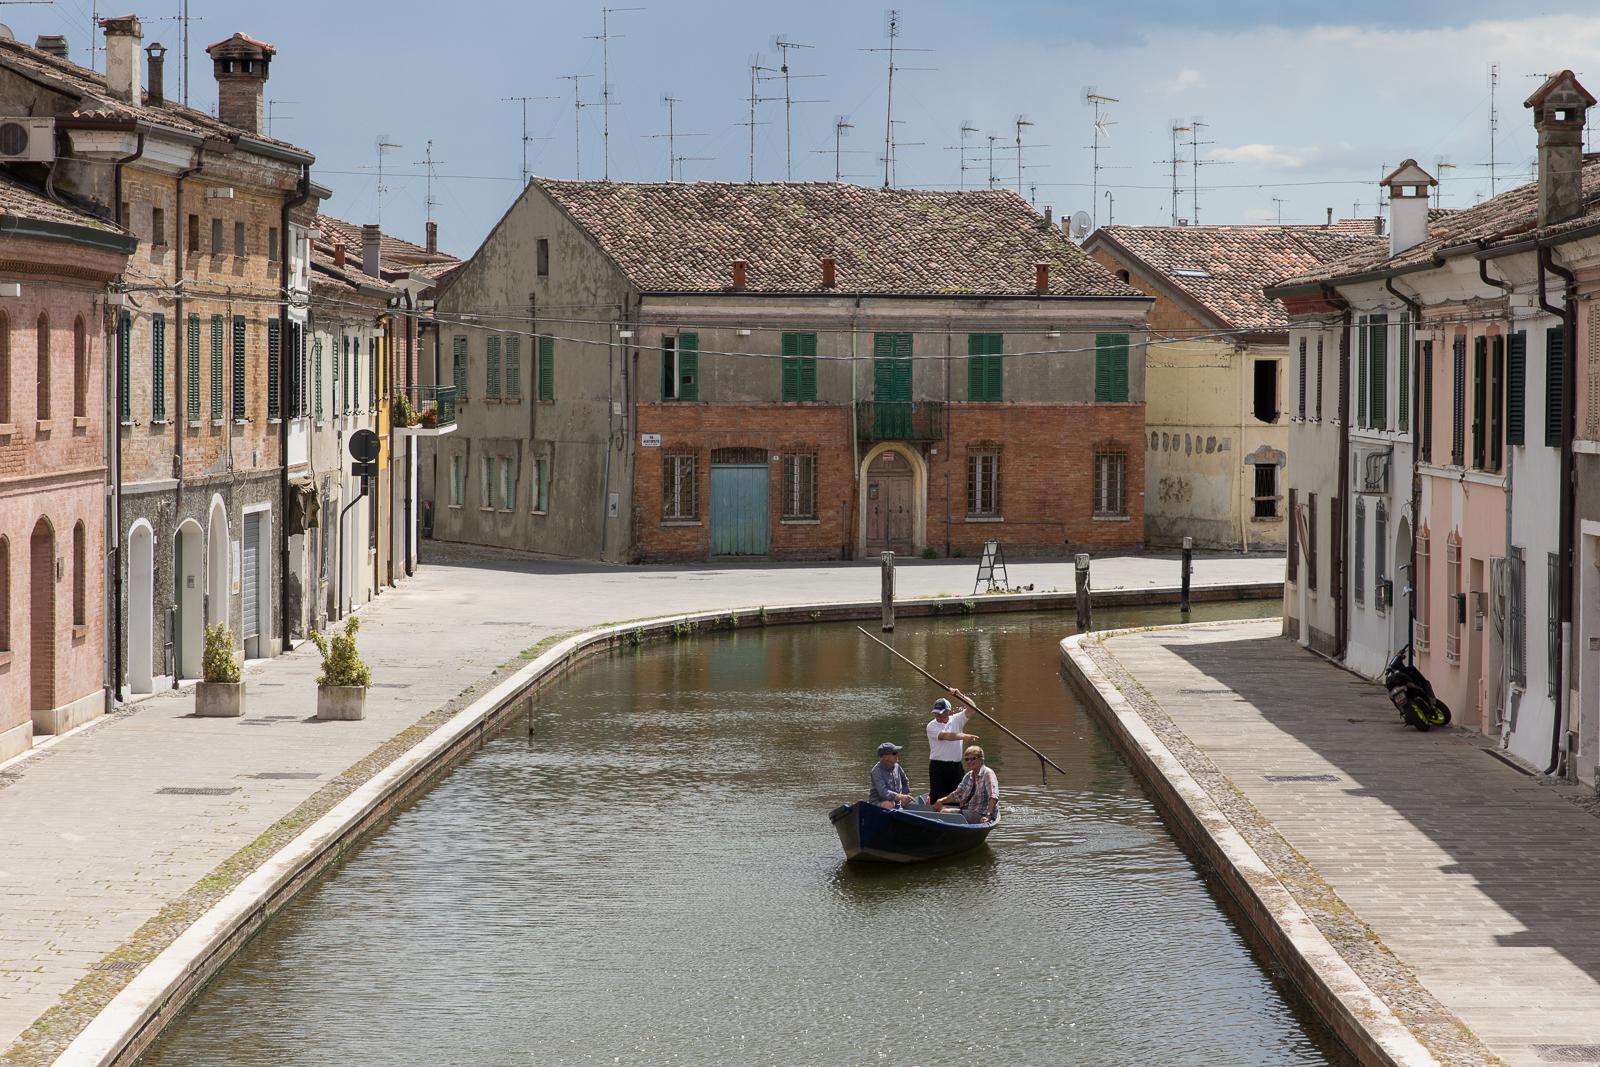 On Canale Maggiore